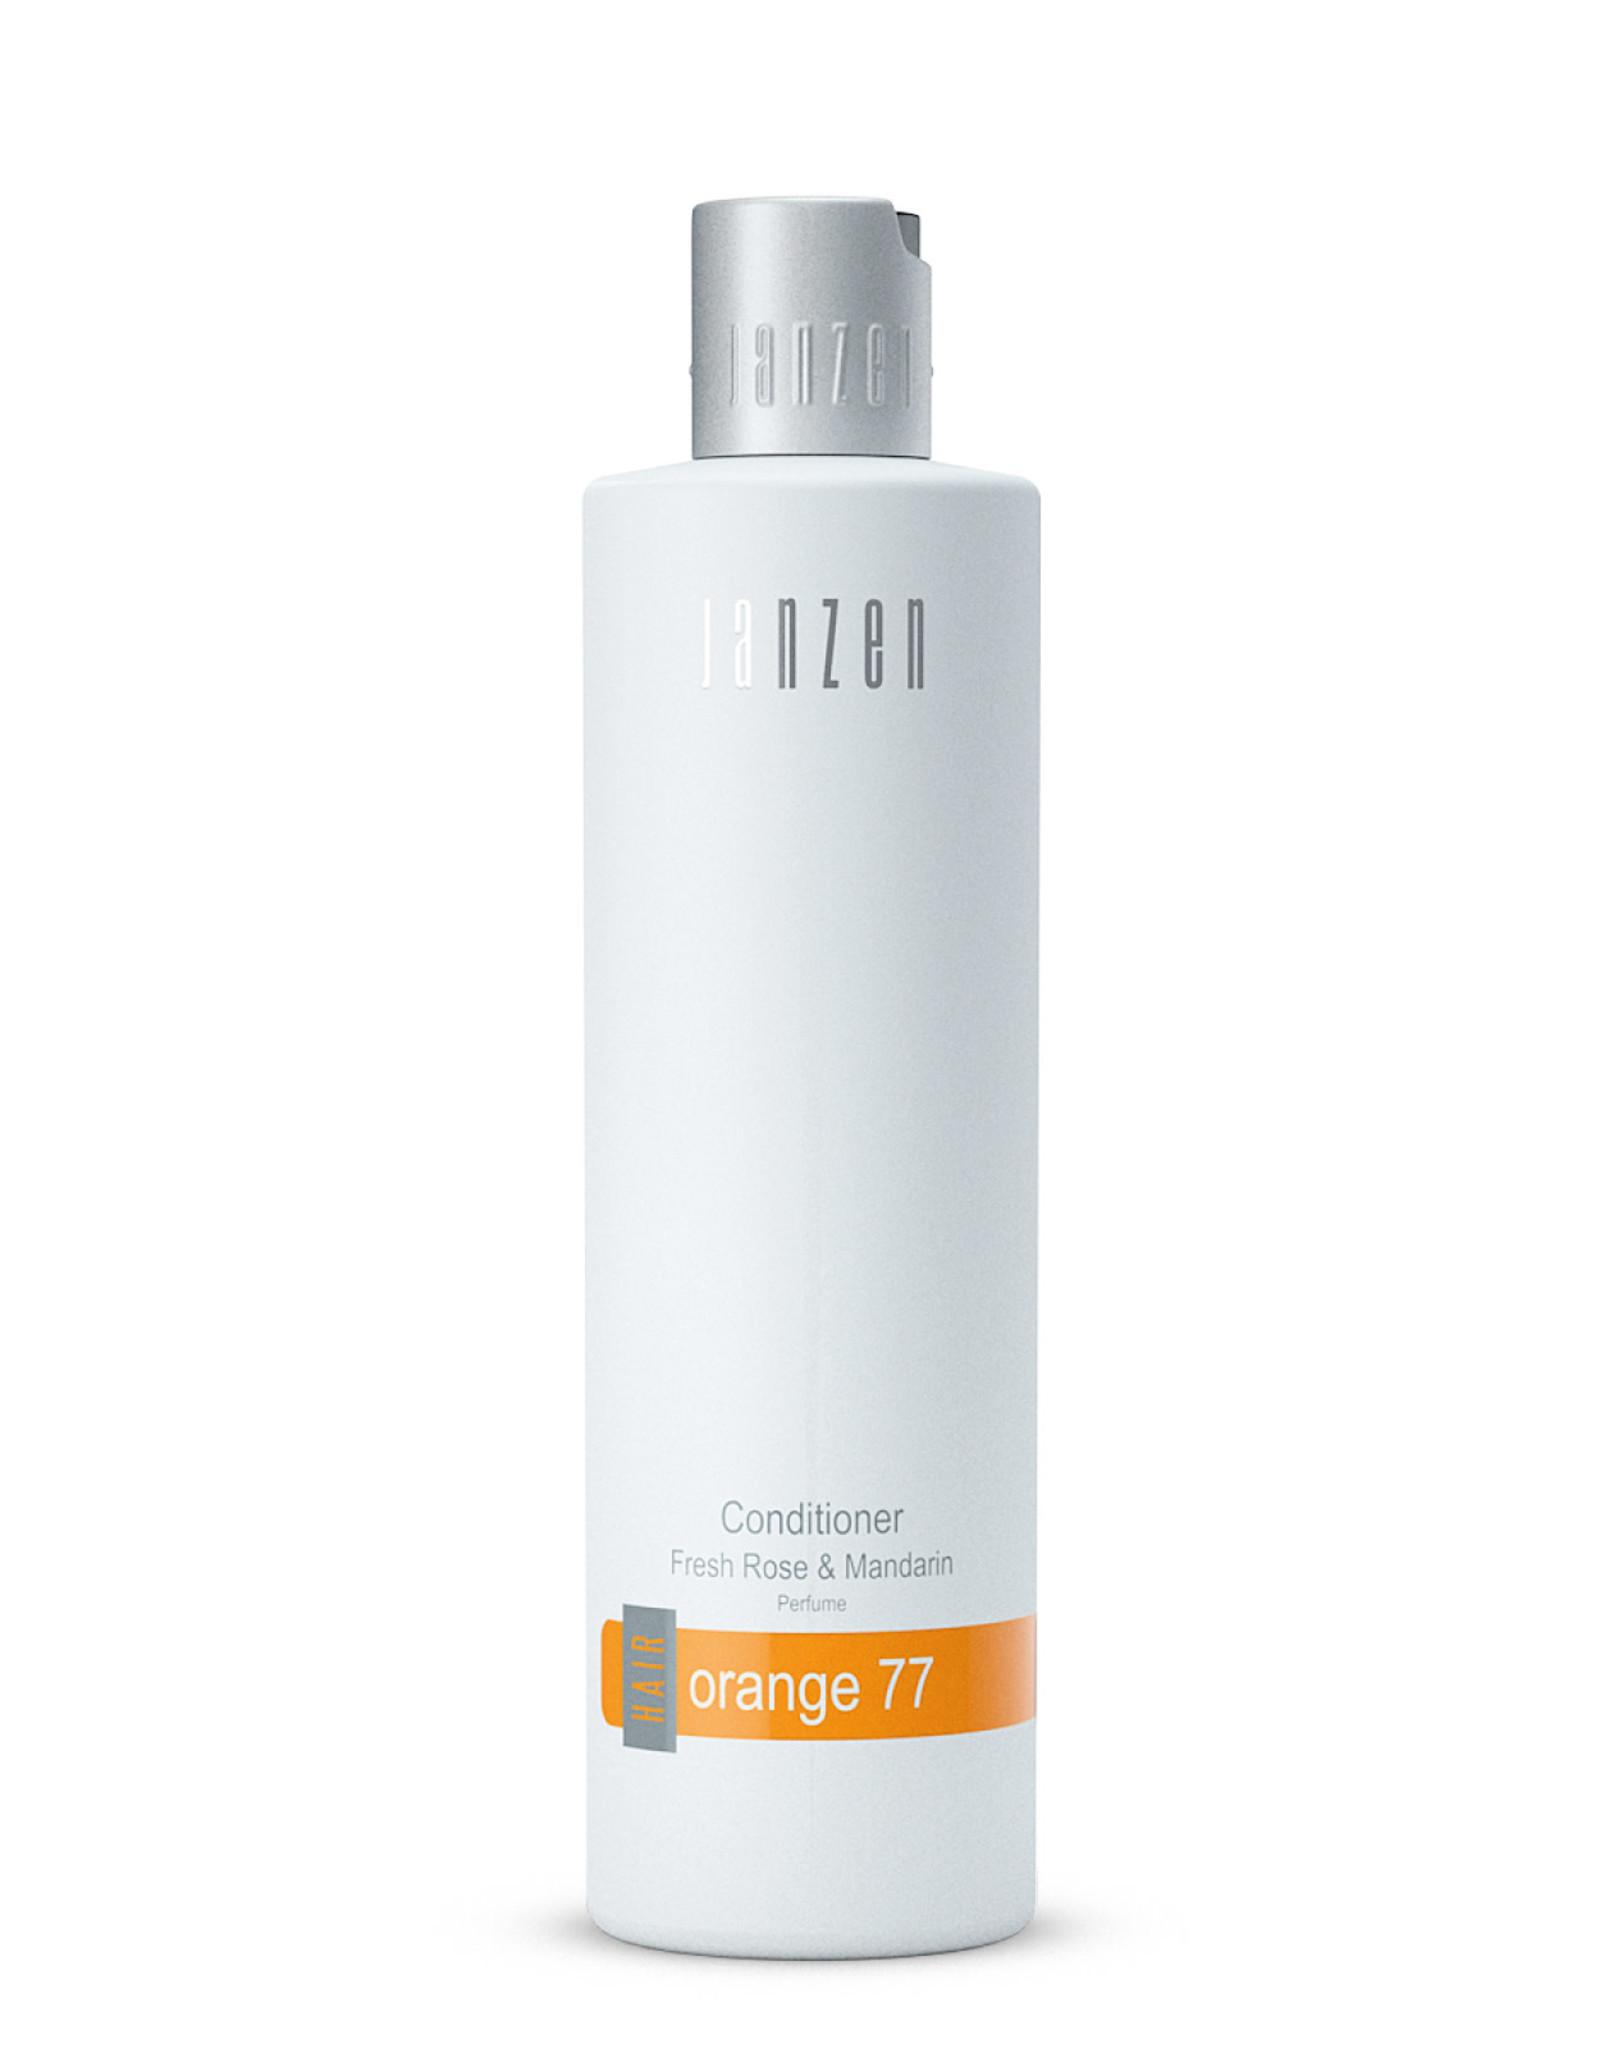 JANZEN Conditioner Orange 77 300ml - JANZEN